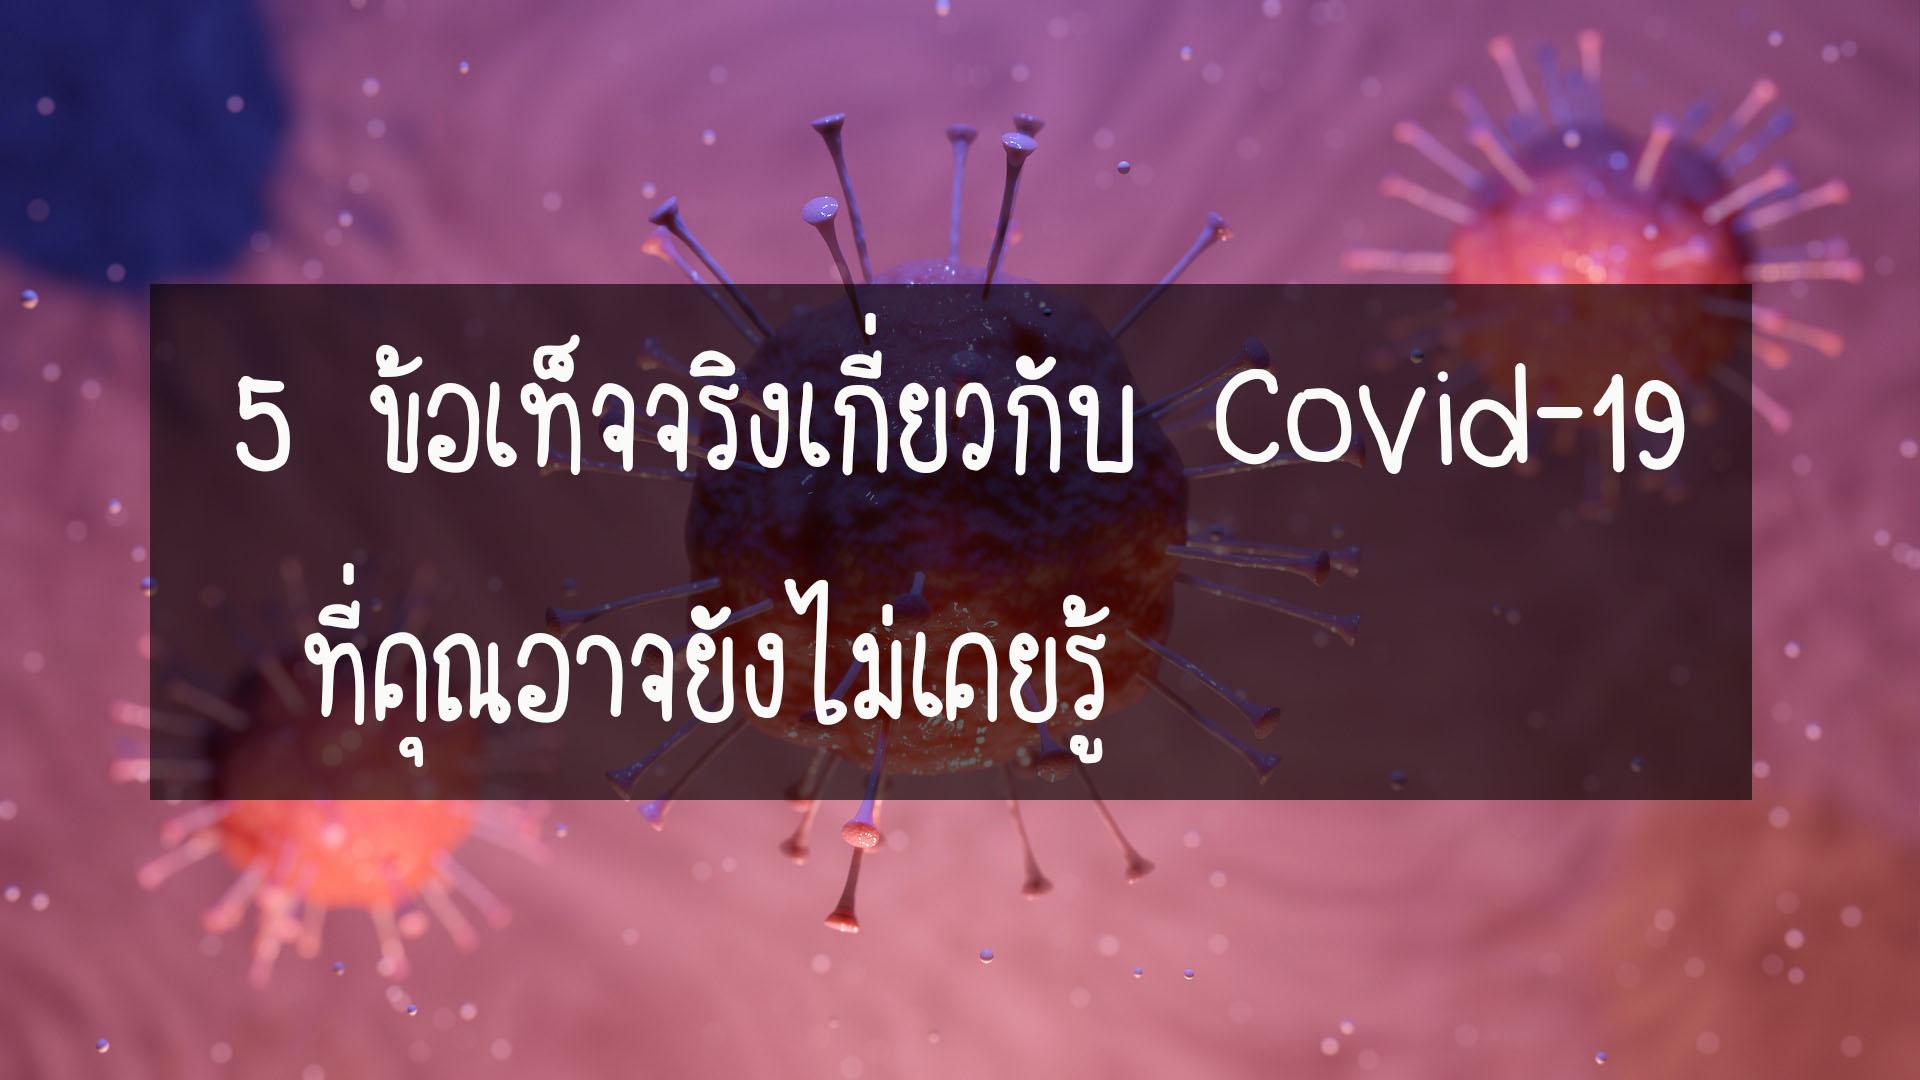 5 ข้อเท็จจริงเกี่ยวกับ Covid -19 ที่คุณอาจยังไม่เคยรู้